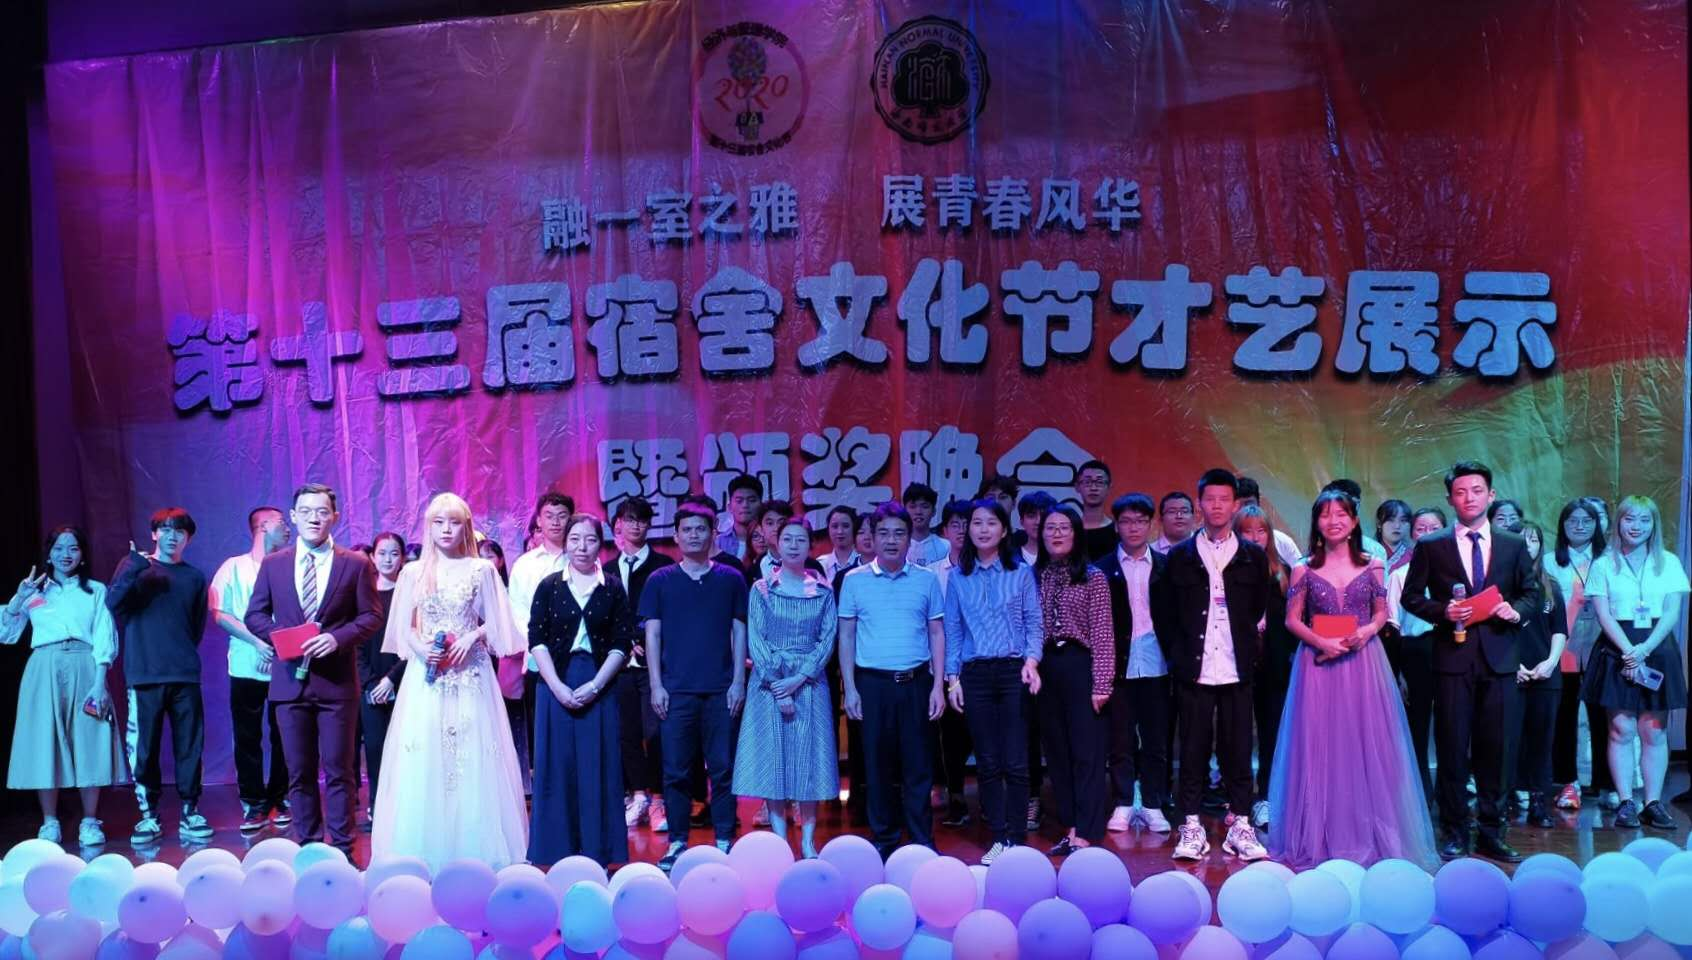 我院举行第十三届宿舍文化节才艺展示暨颁奖晚会